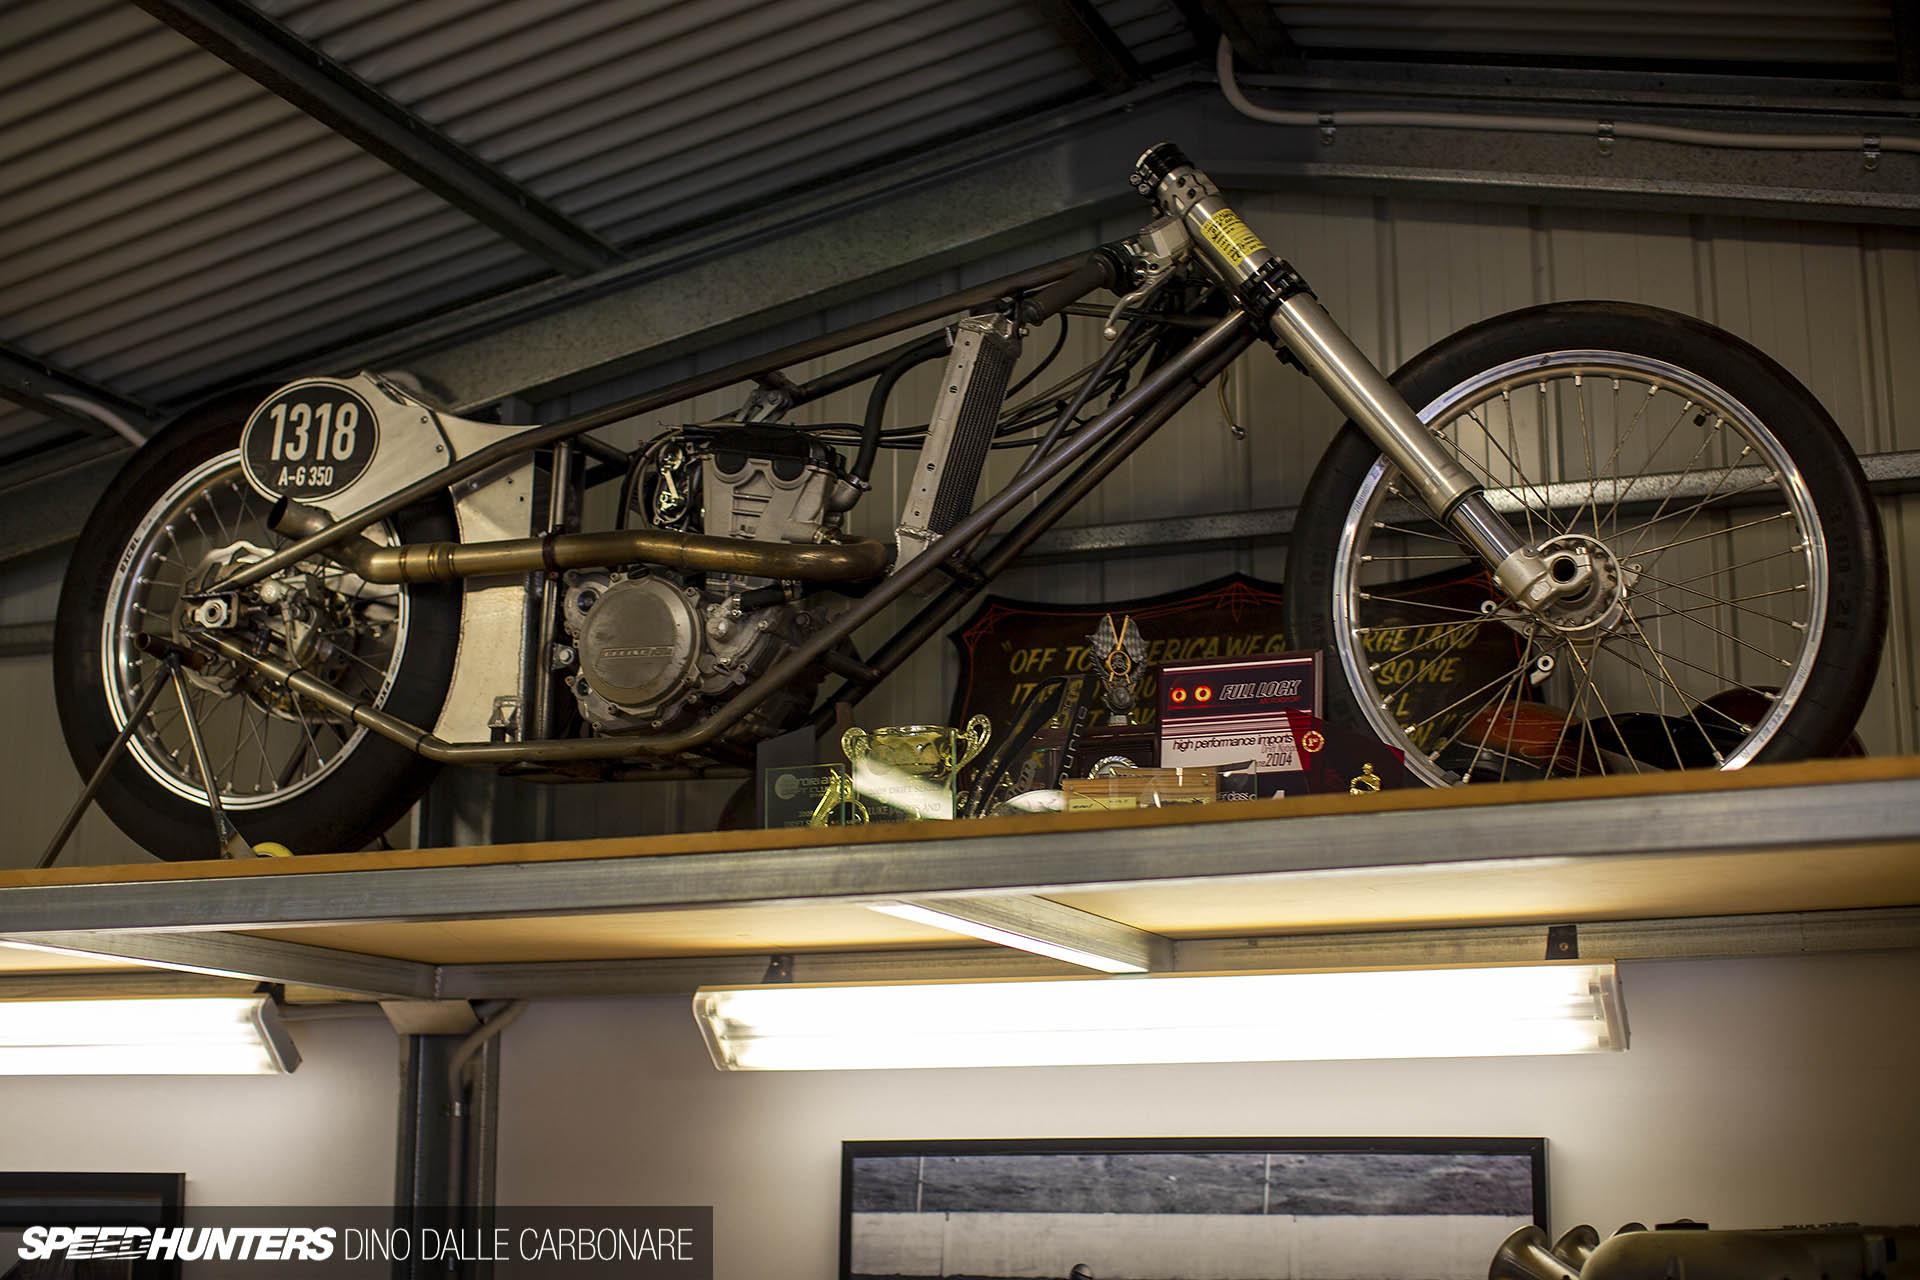 Les garages, les pièces mécaniques d'ici et d'ailleur.... - Page 32 Nigel_ets_dino_dalle_carbonare_047